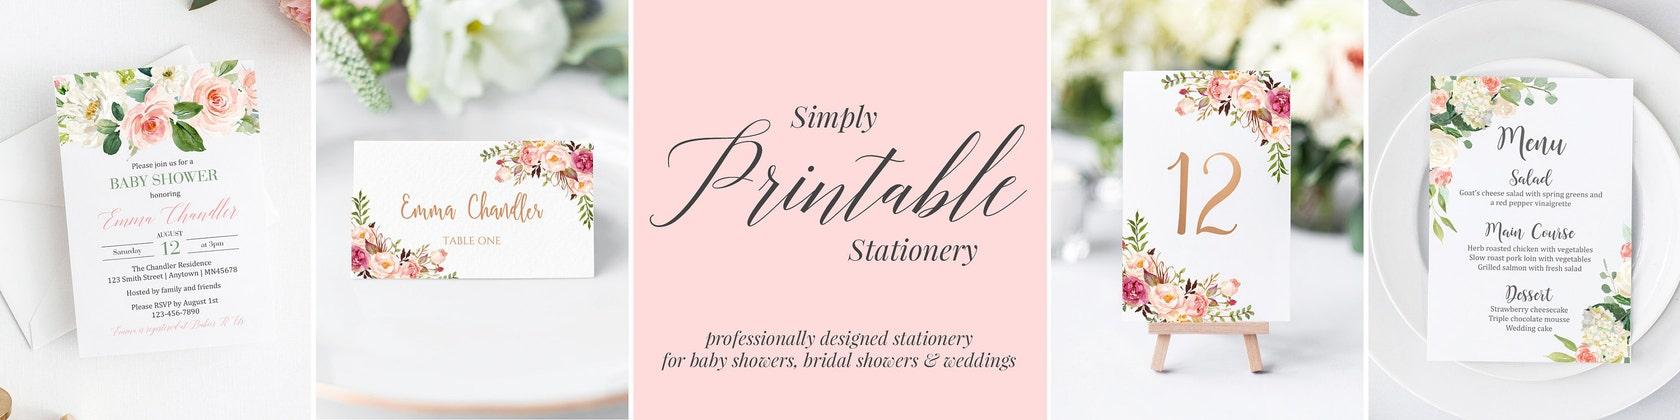 Simply Printable Stationery von simplypstationery auf Etsy